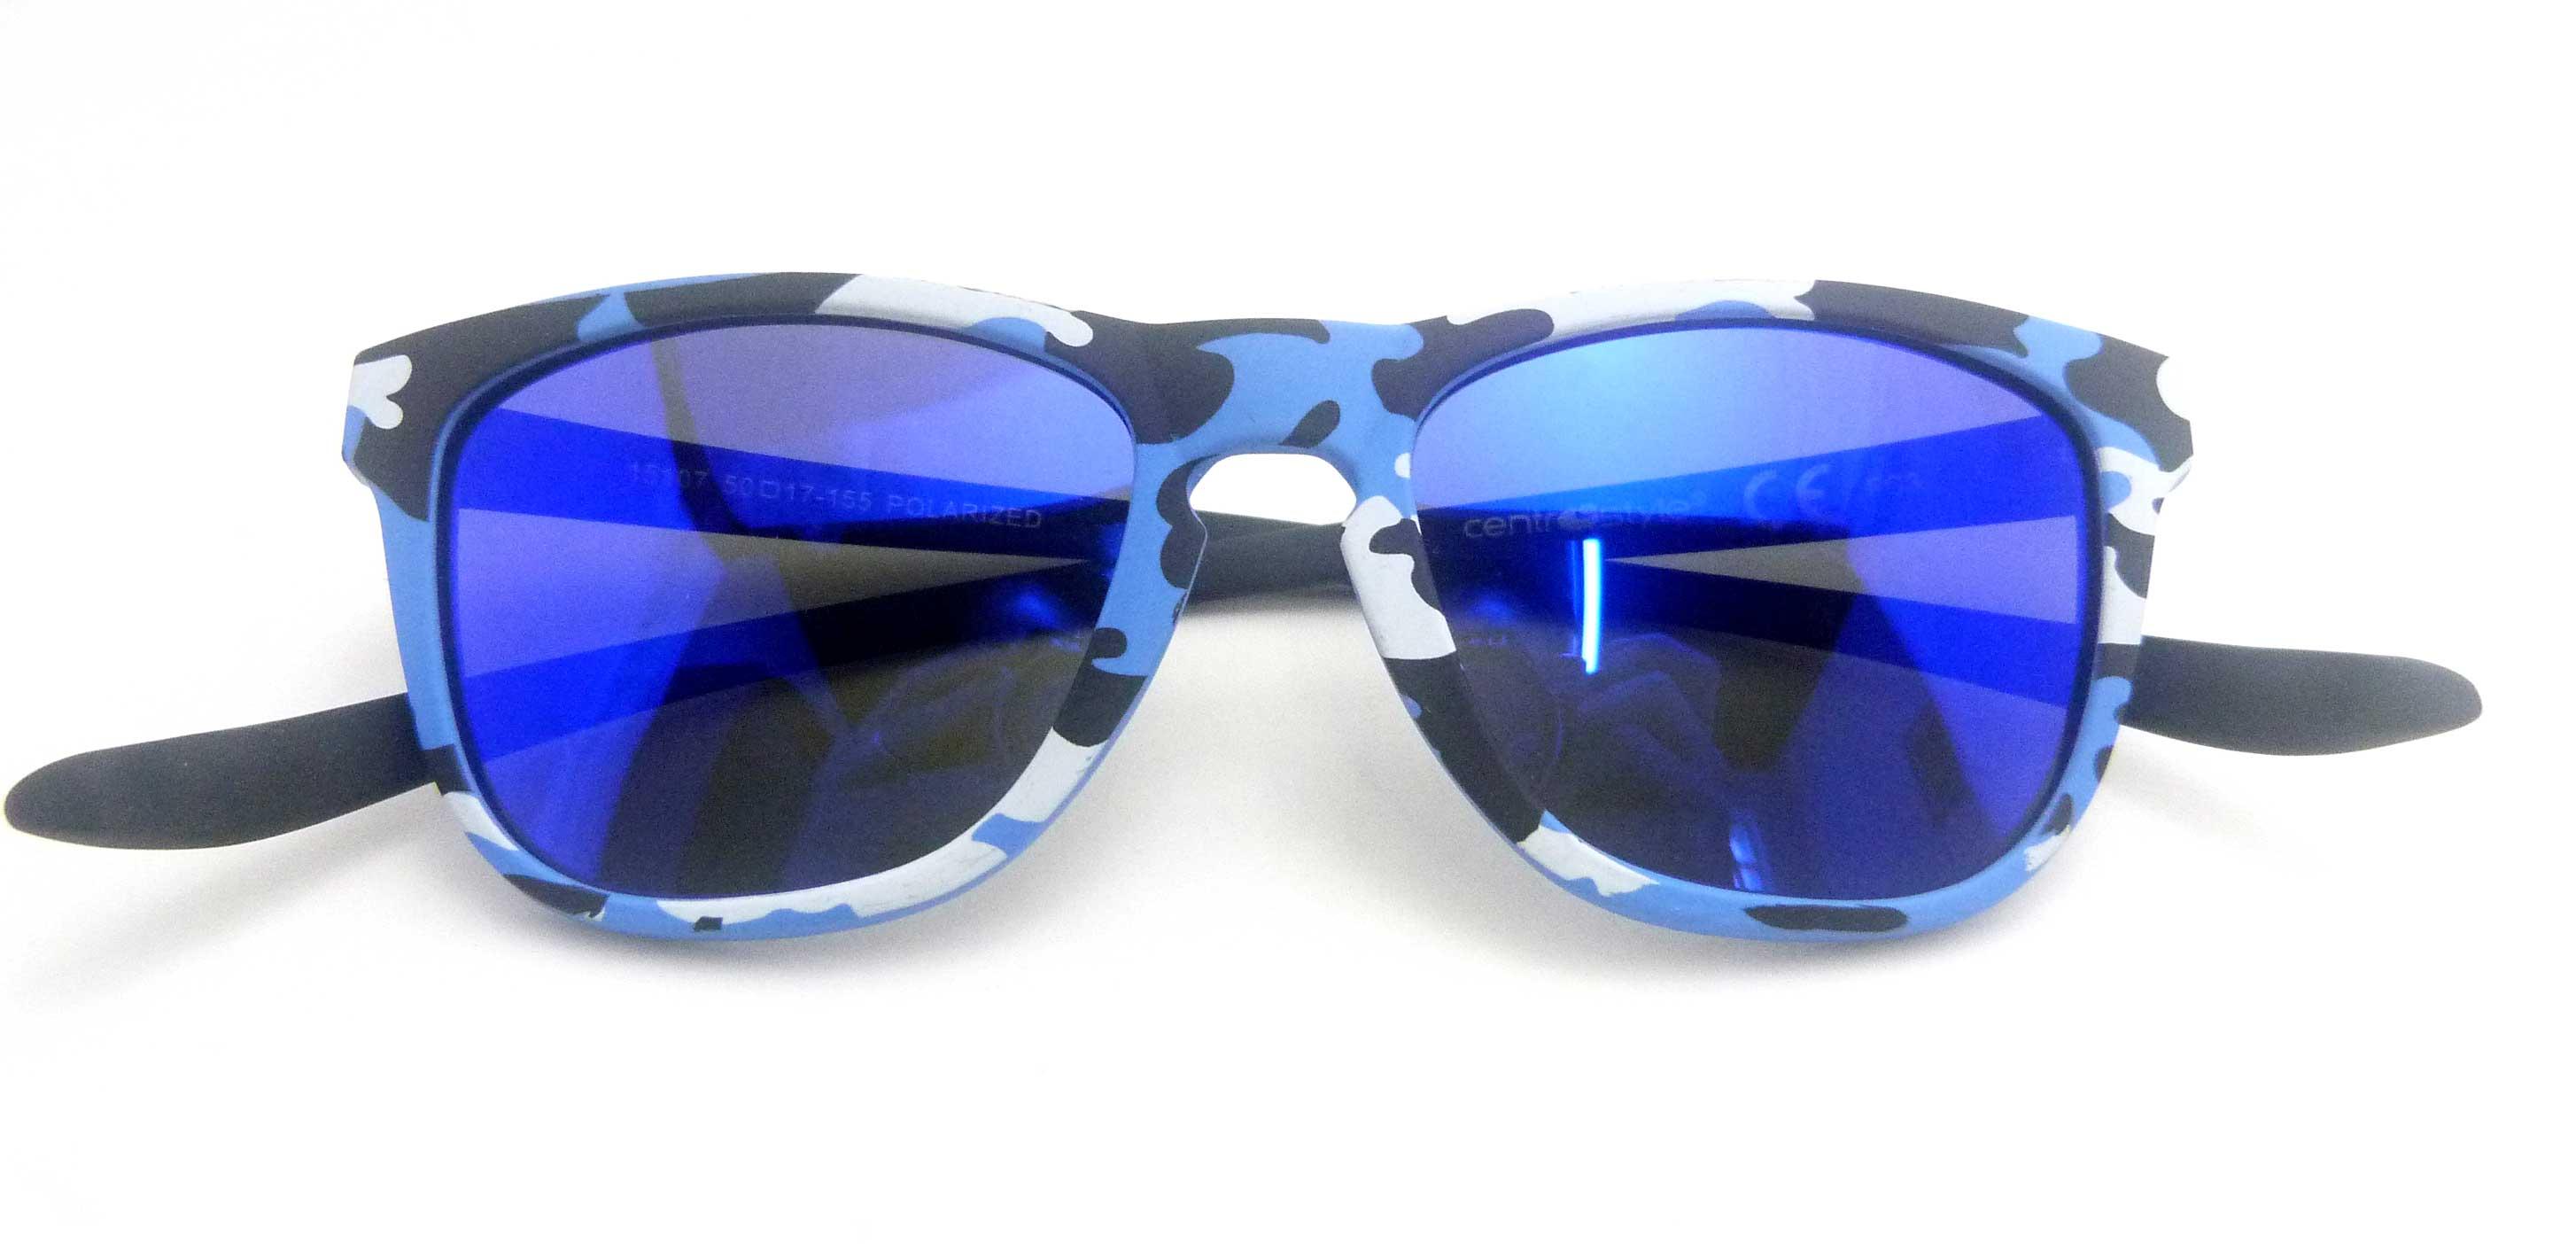 0215107 - Óculos-Solar CS Koala Camuflado 50x17 Azul Mod 15107 FLAG 9  -Contém 1 Peça